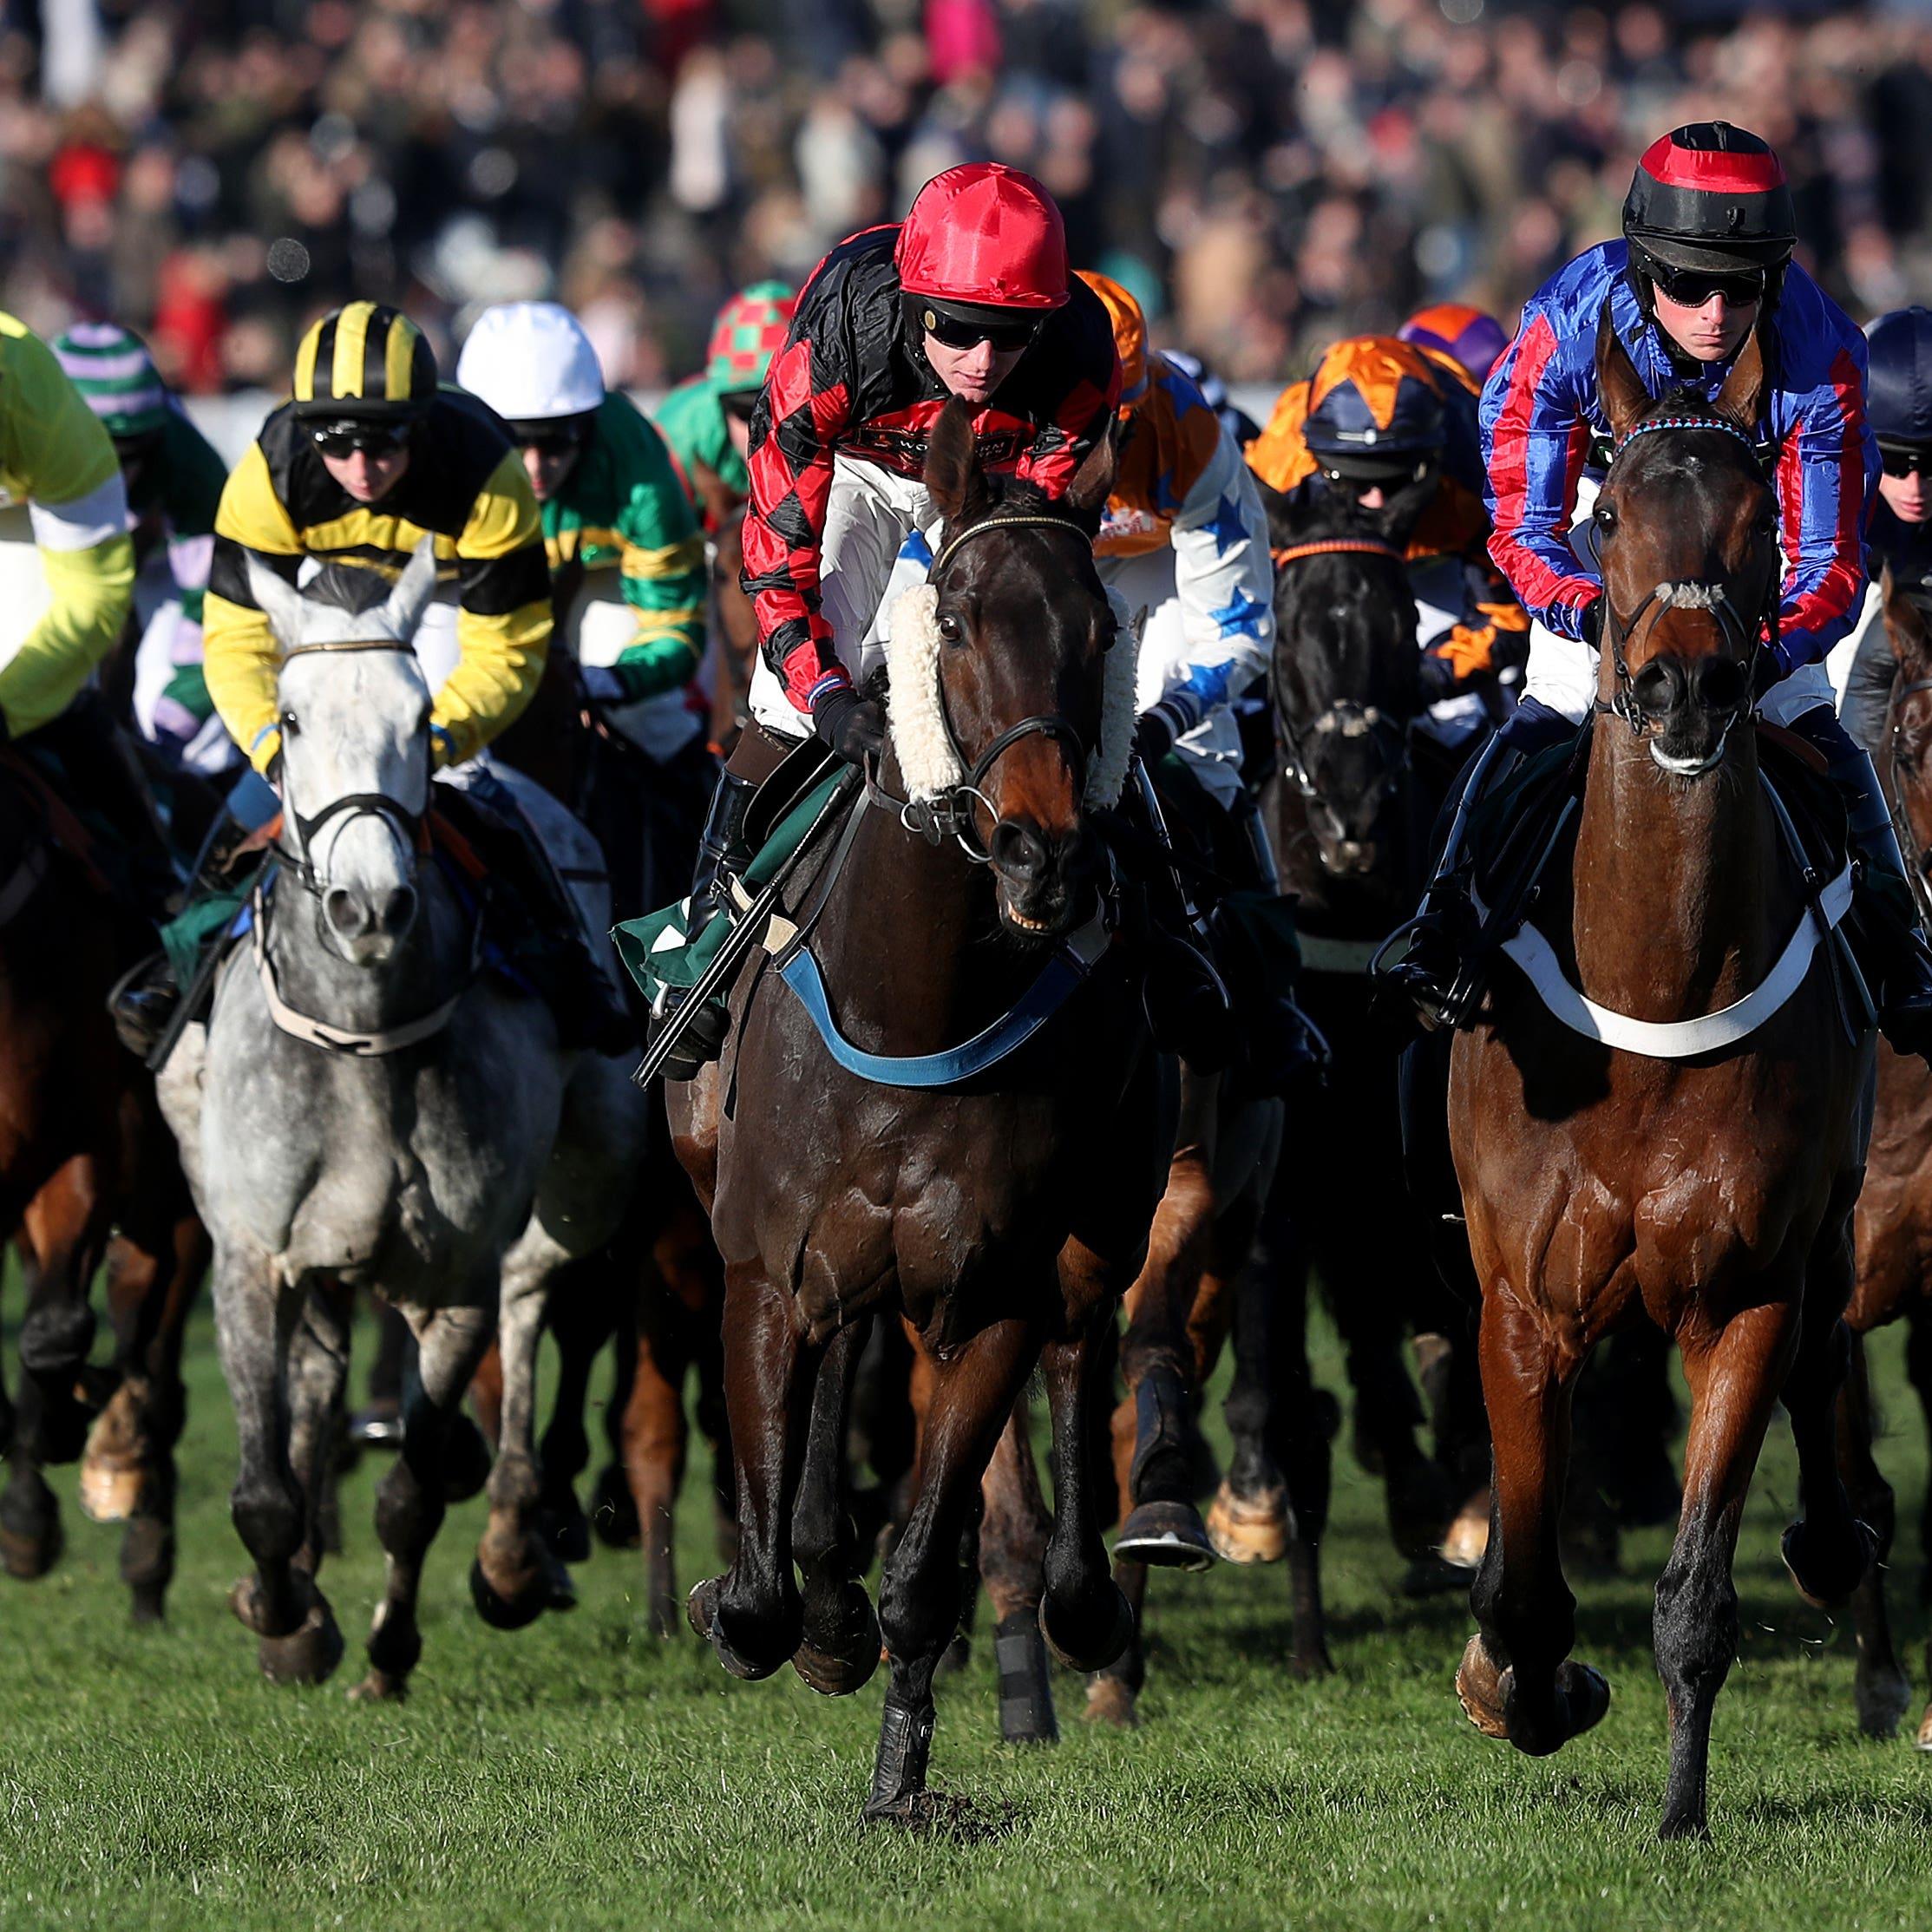 A lengthy break for equine flu could hit jockeys hard